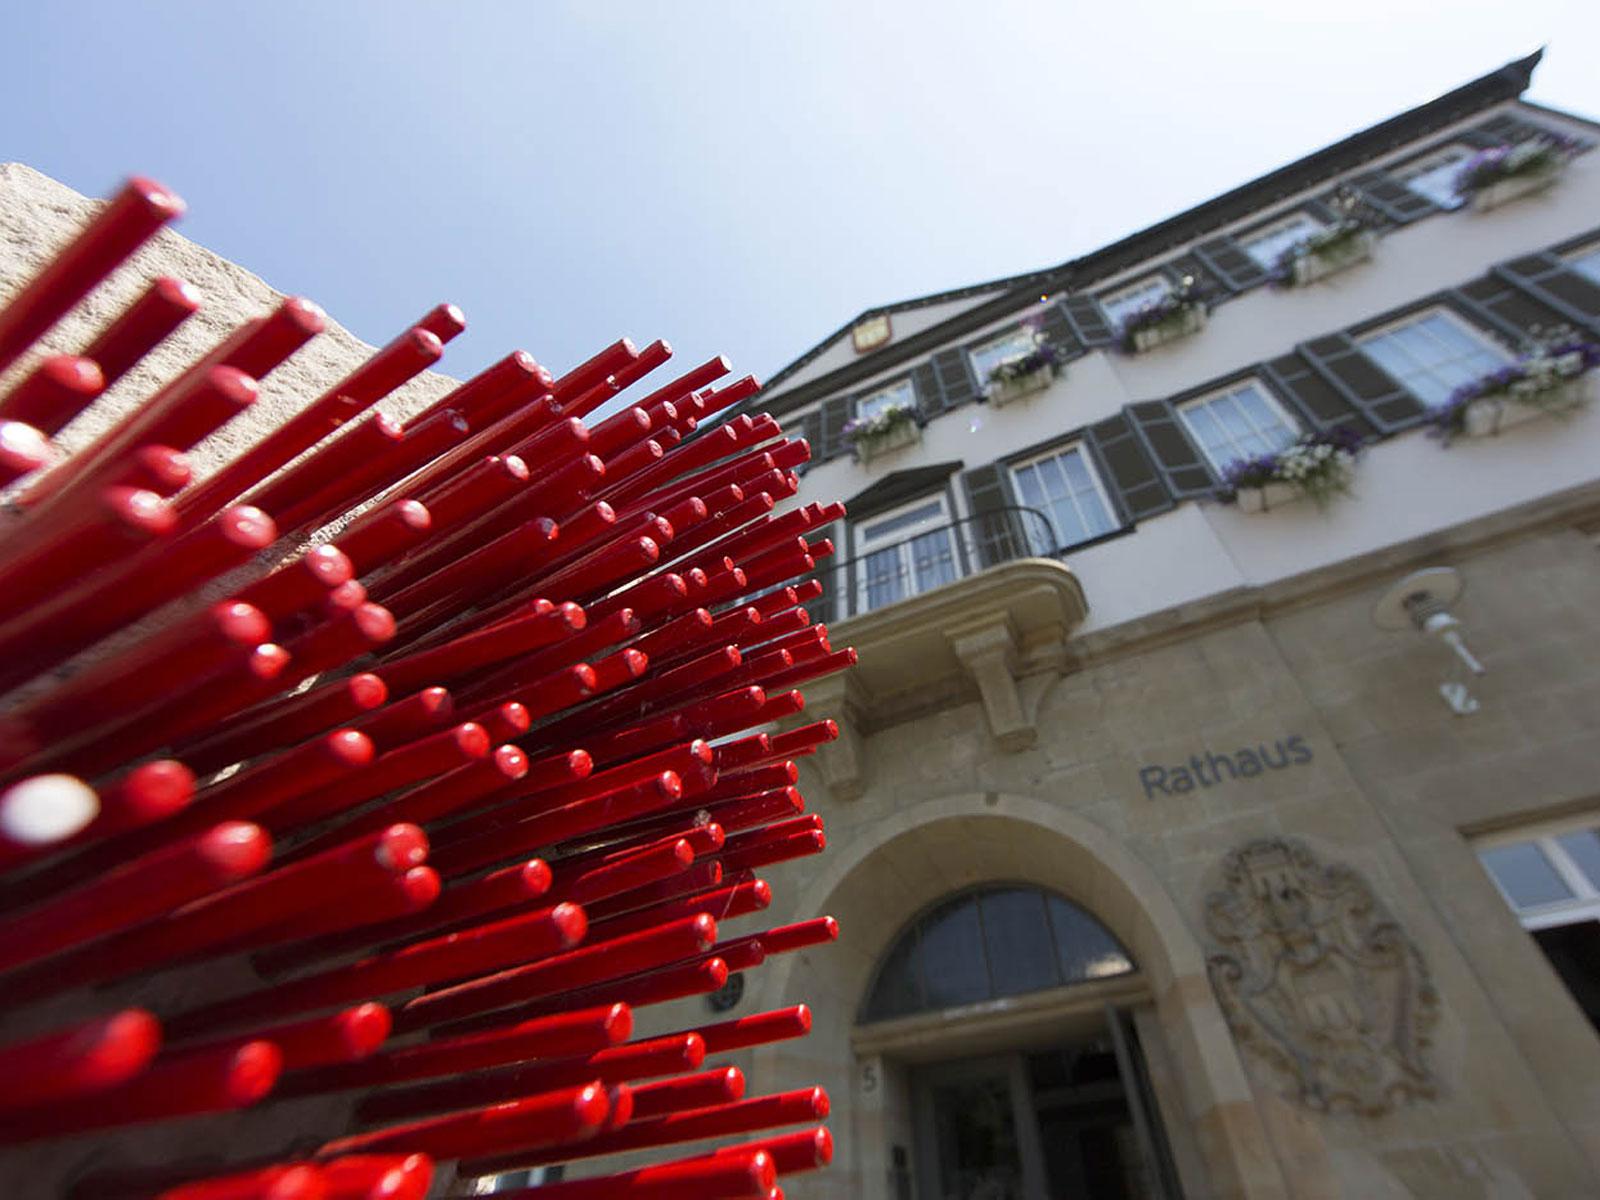 Rathaus in Herrenberg mit Skulptur im Vordergrund